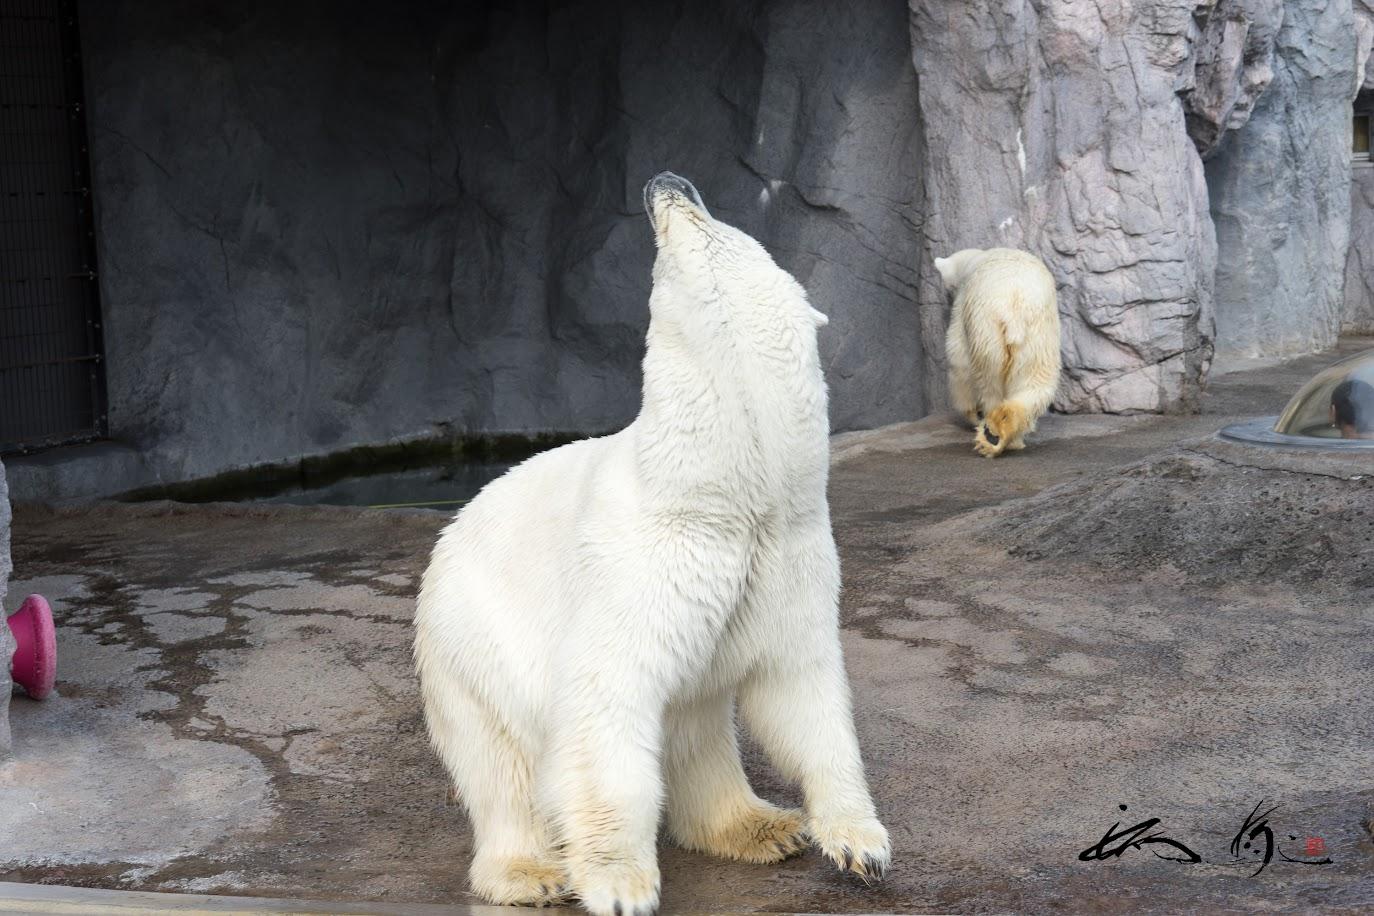 遠吠えするクマさん・・・